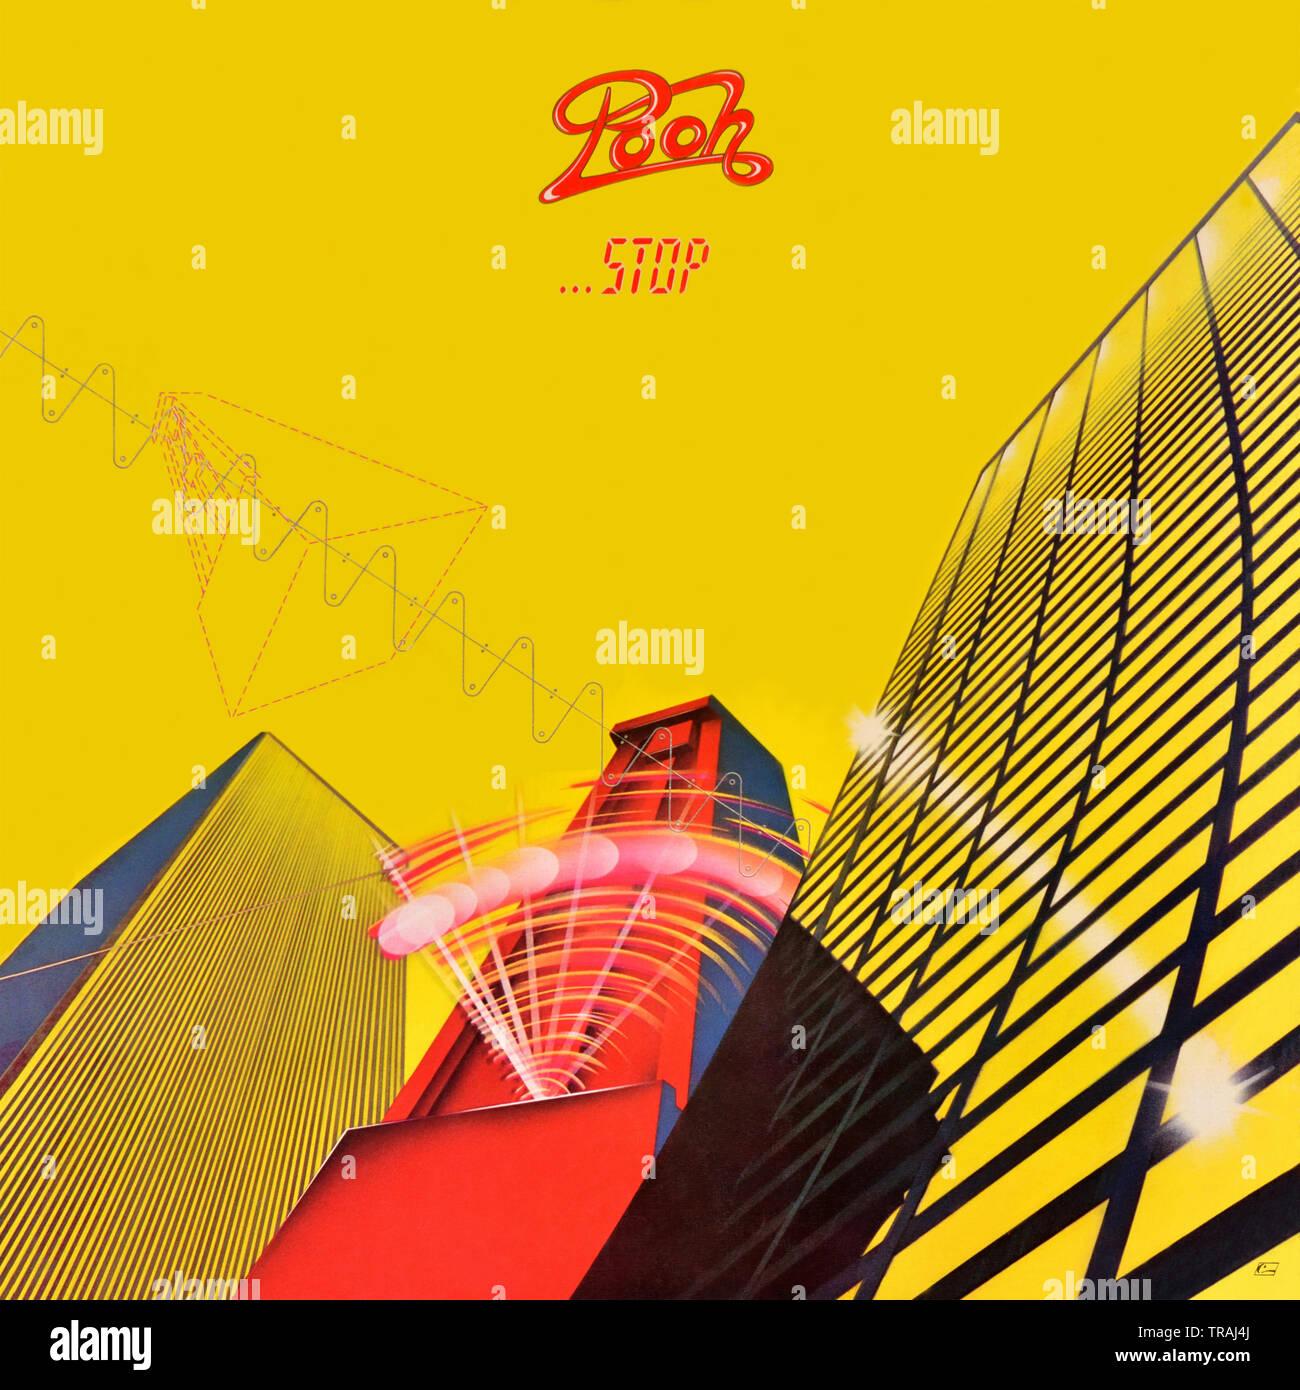 Pooh original Vinyl Album Cover - Stopp - 1980 Stockbild